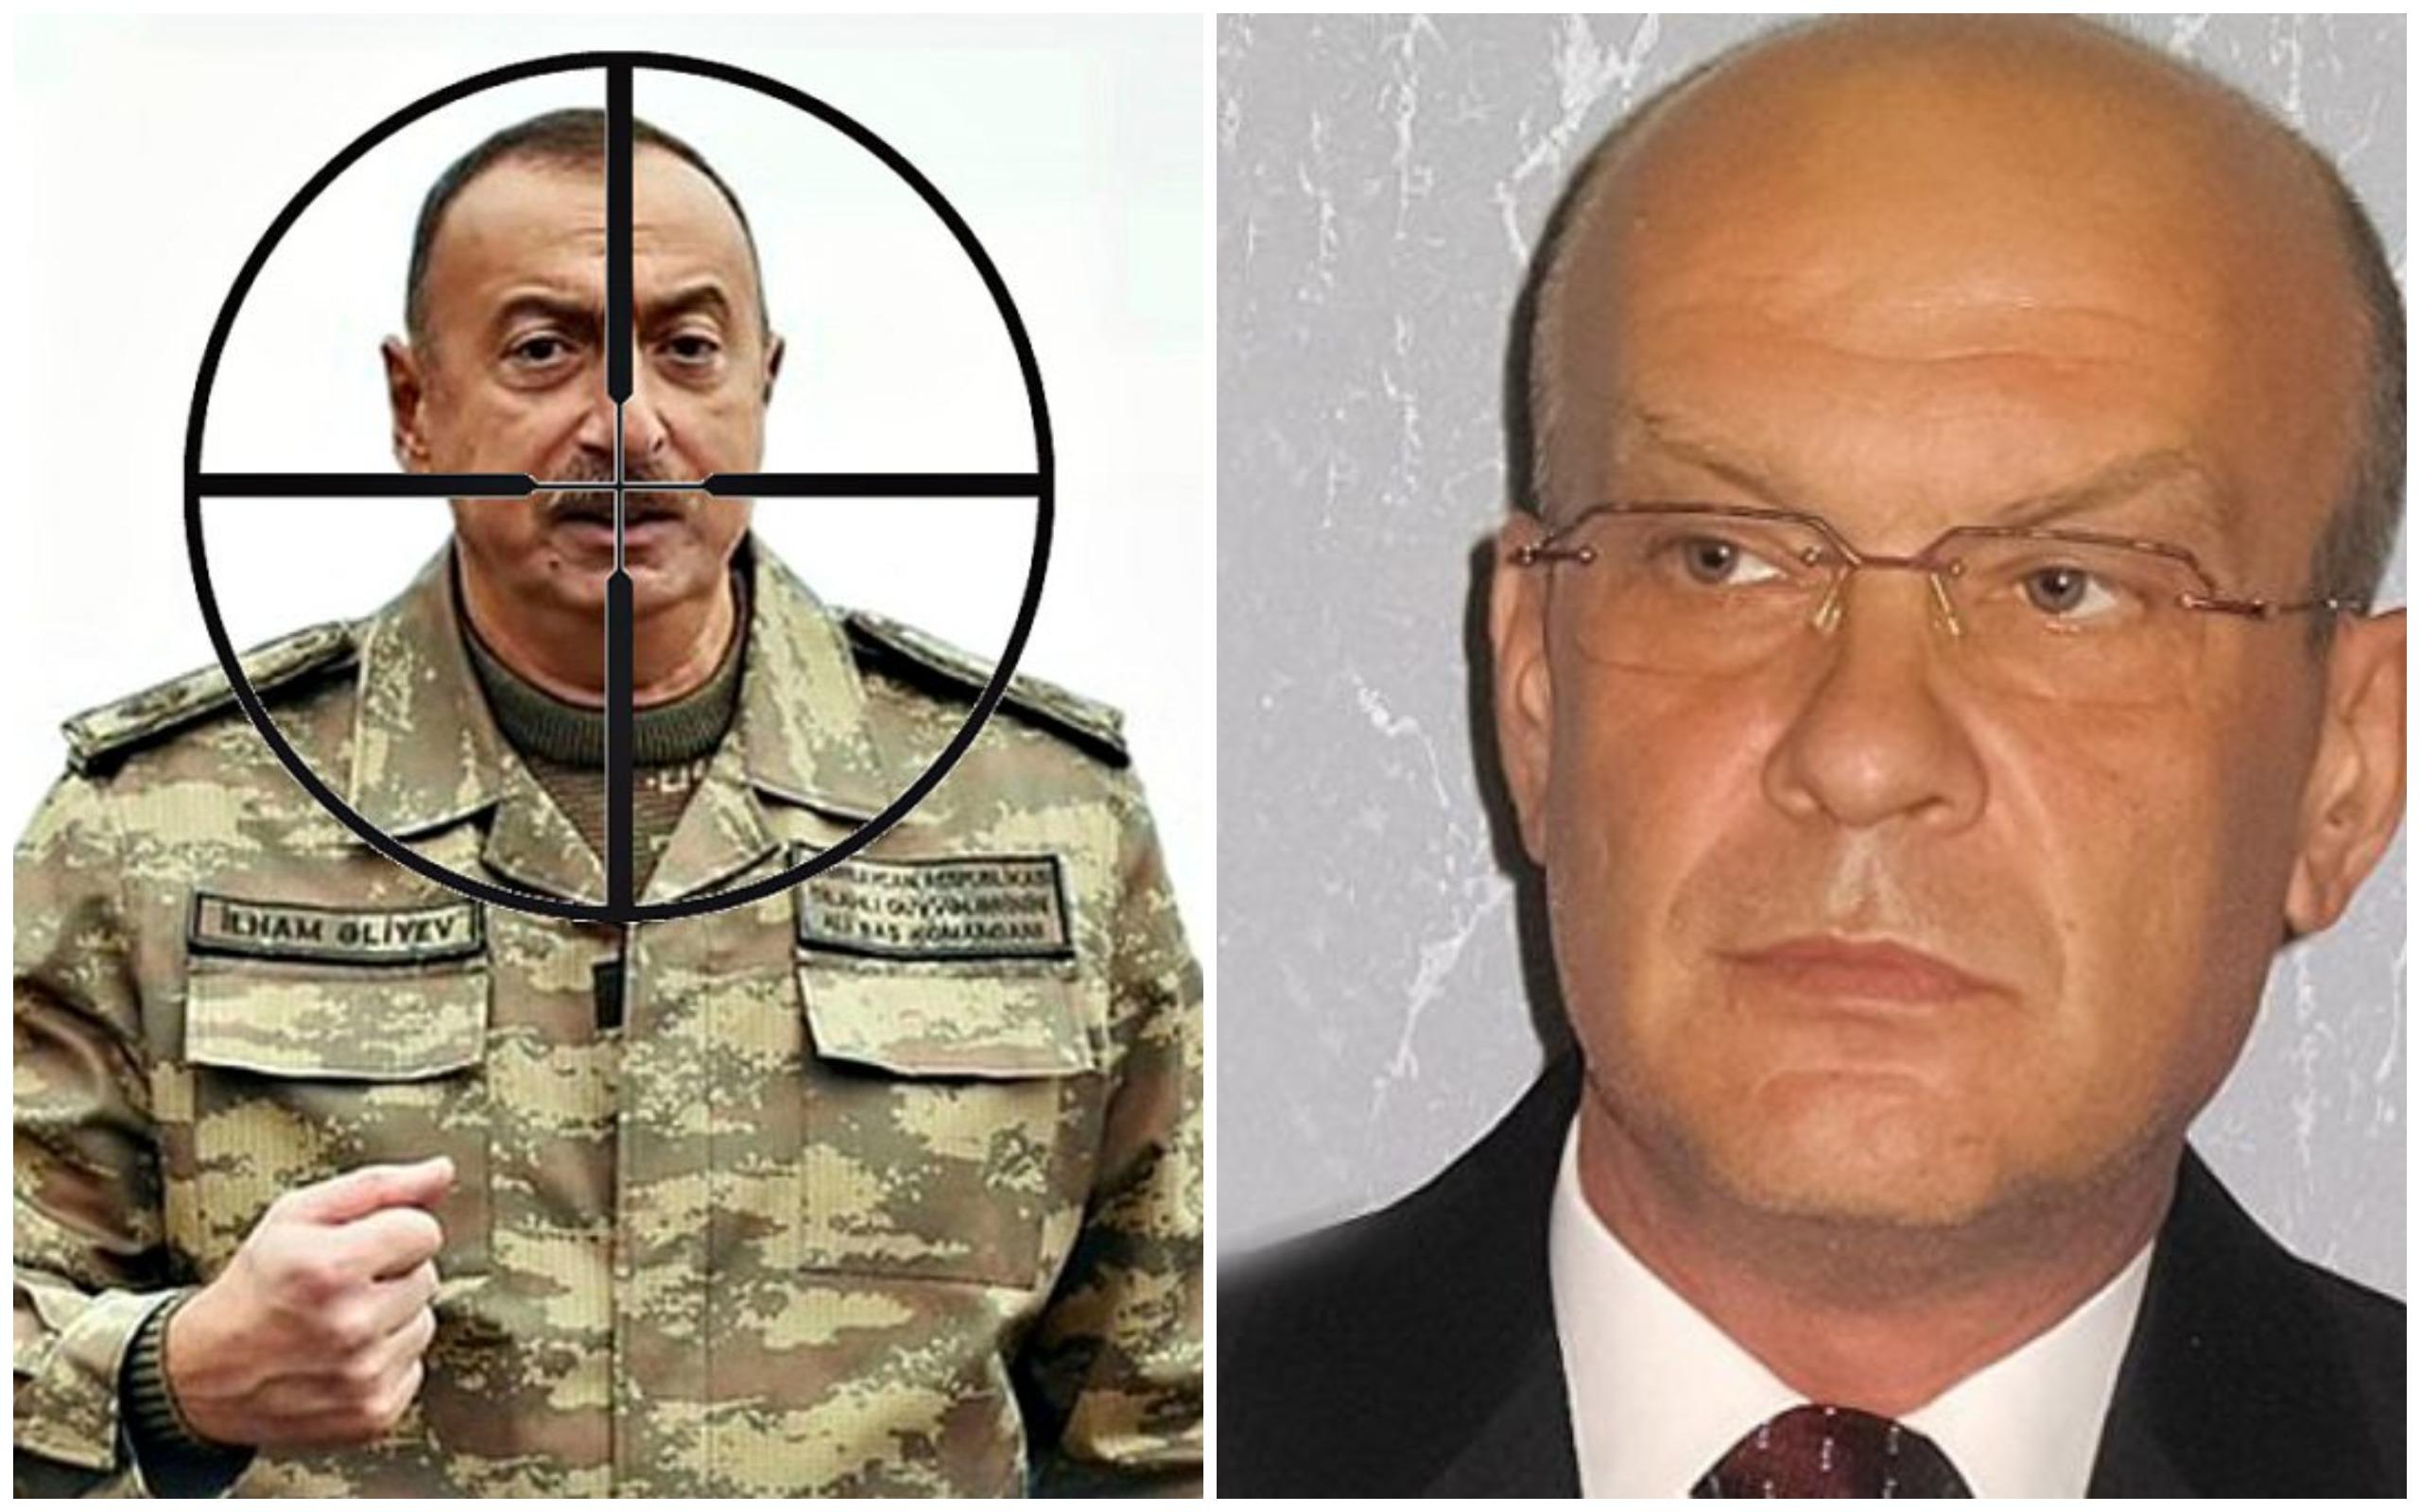 Պաշտոնապես հայտարարում եմ` ադրբեջանական բшնшկ պարզապես գոյություն չունի . ՌԴ ԶՈՒ գնդшպետ Ալեքսանդր Ժիլին